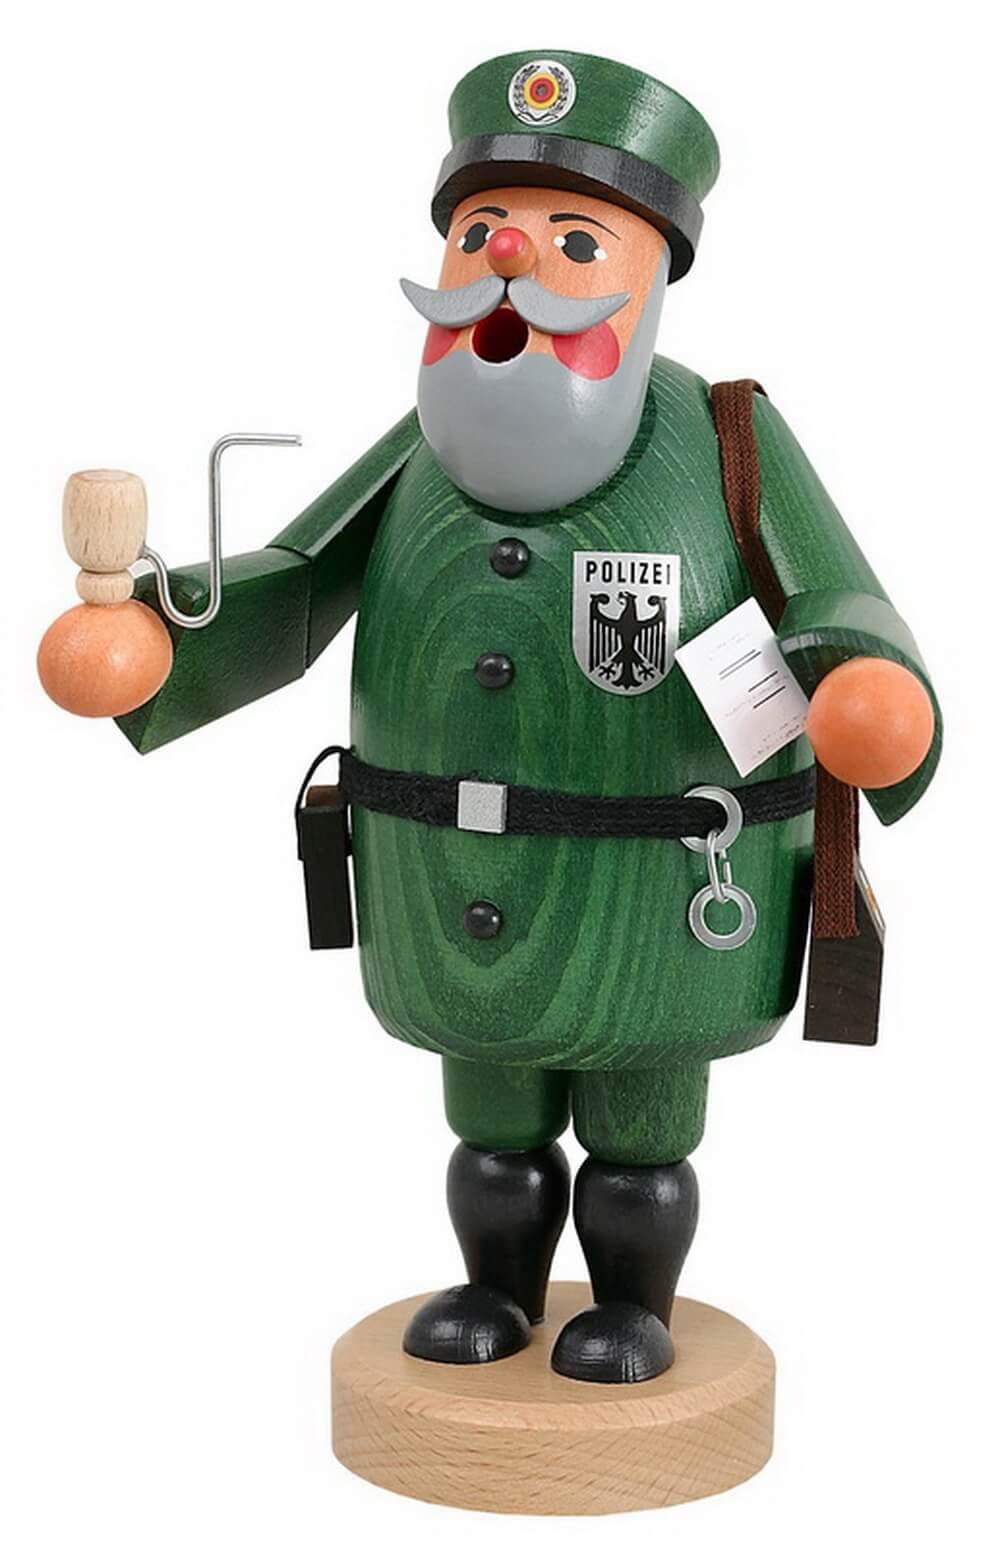 Räuchermännchen Polizist von Karl Werner Sayda / Erzgebirge Die Polizei. Dein Freund und Helfer. Auch dieser Polizist will ein Freund und Helfer in Ihrem zu …